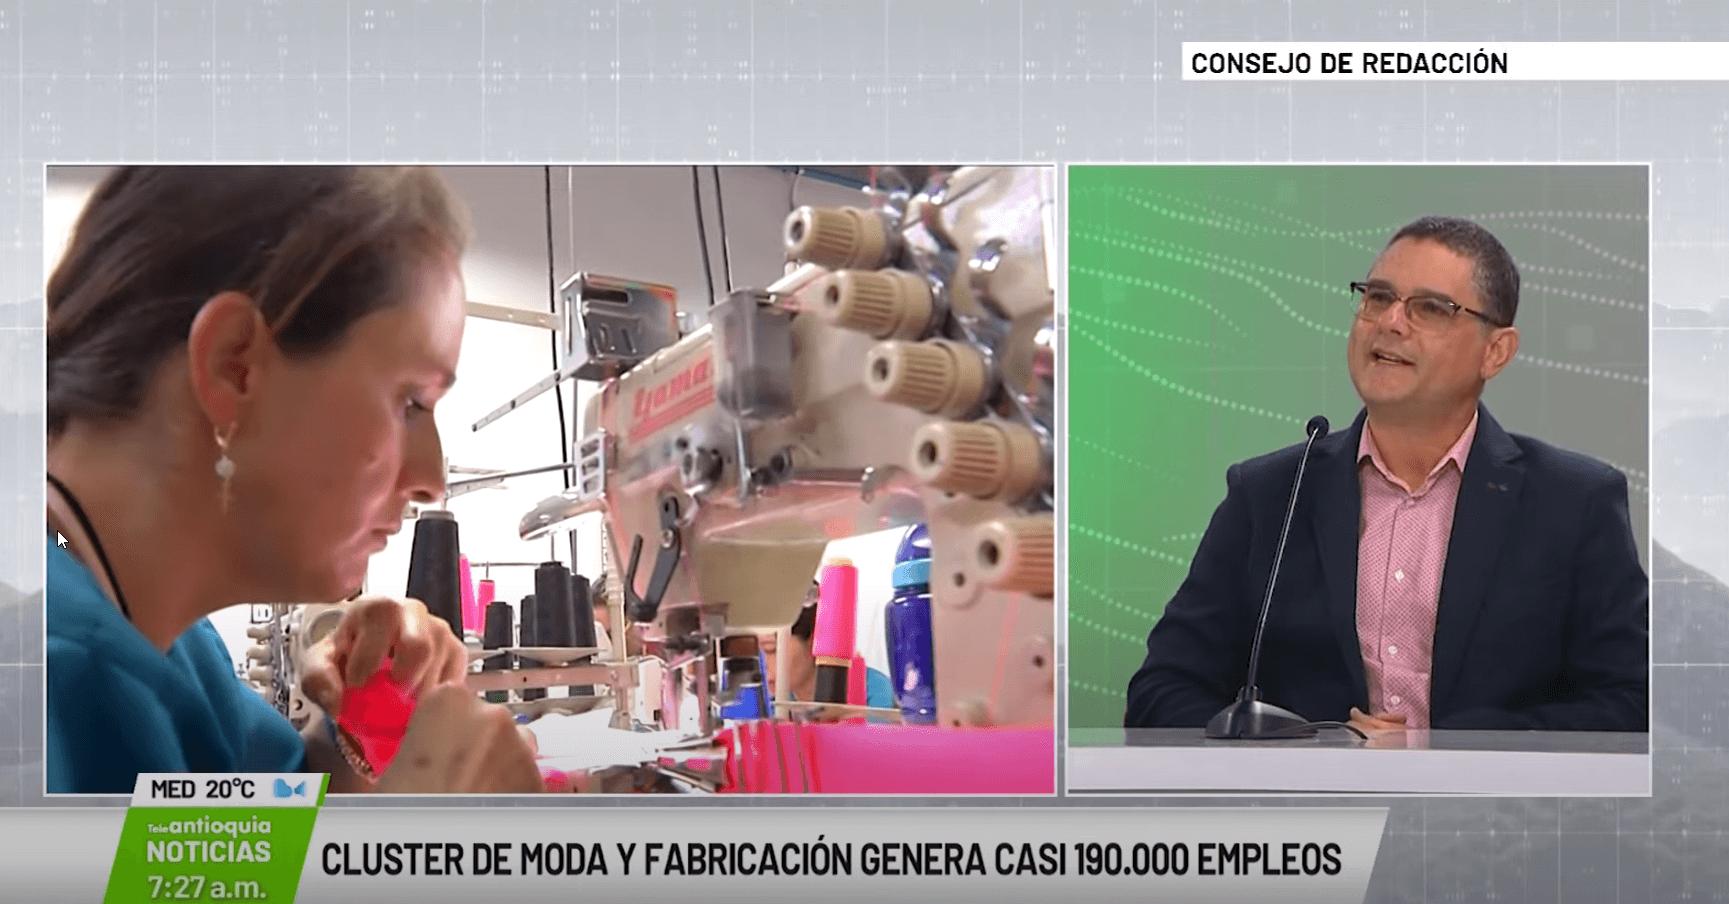 Rubén Valencia Sánchez, director de Cluster moda y fabricación avanzada